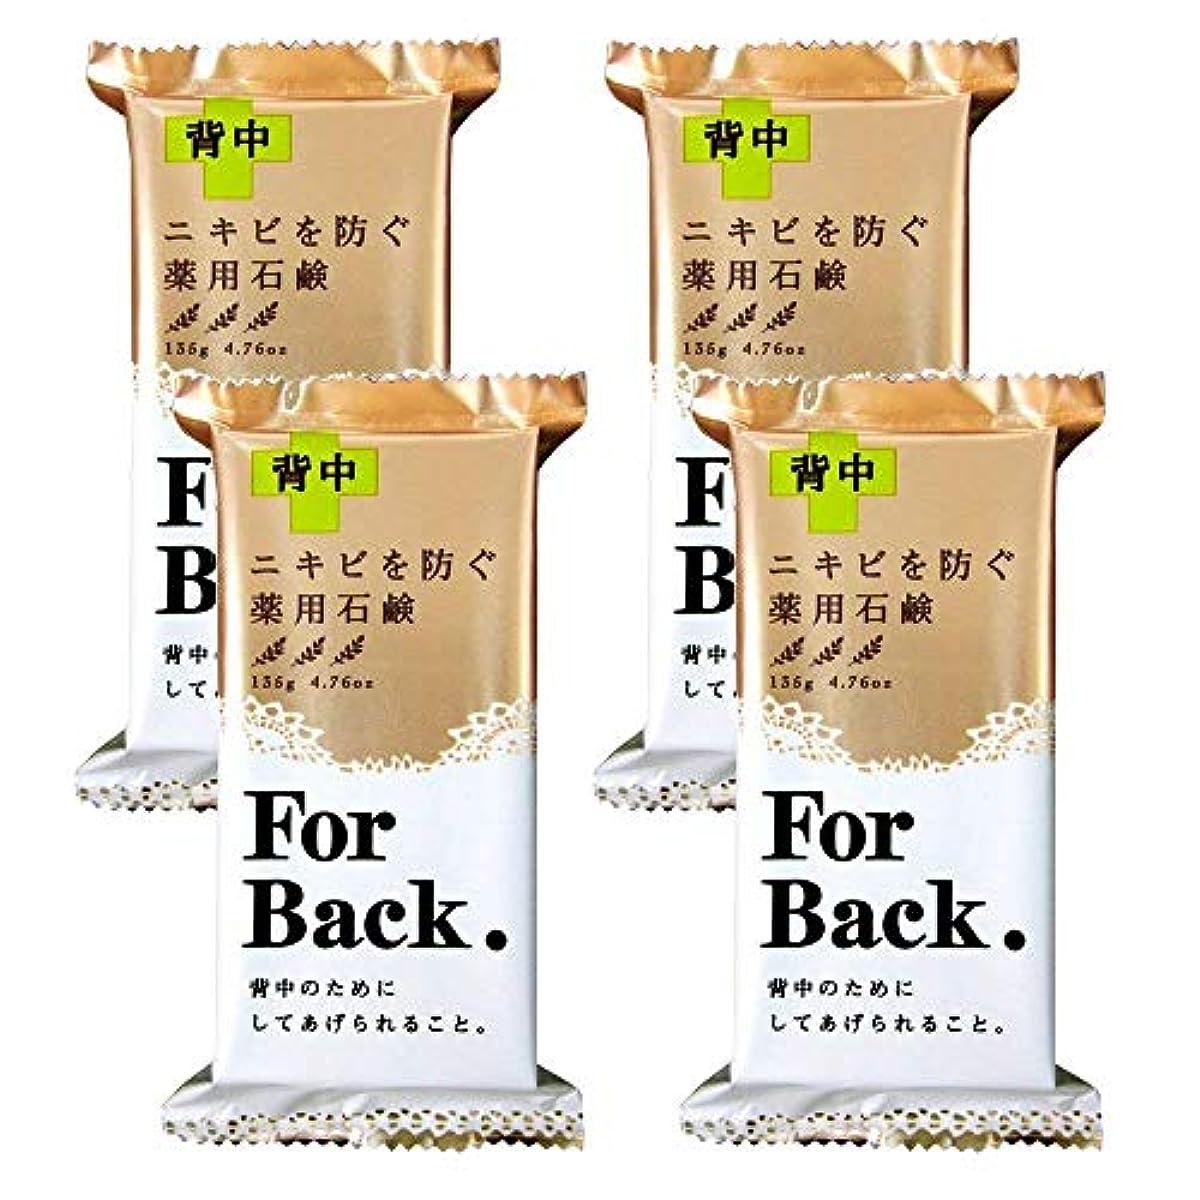 スプリットシャーロットブロンテ非効率的な薬用石鹸 ForBack 135g×4個セット